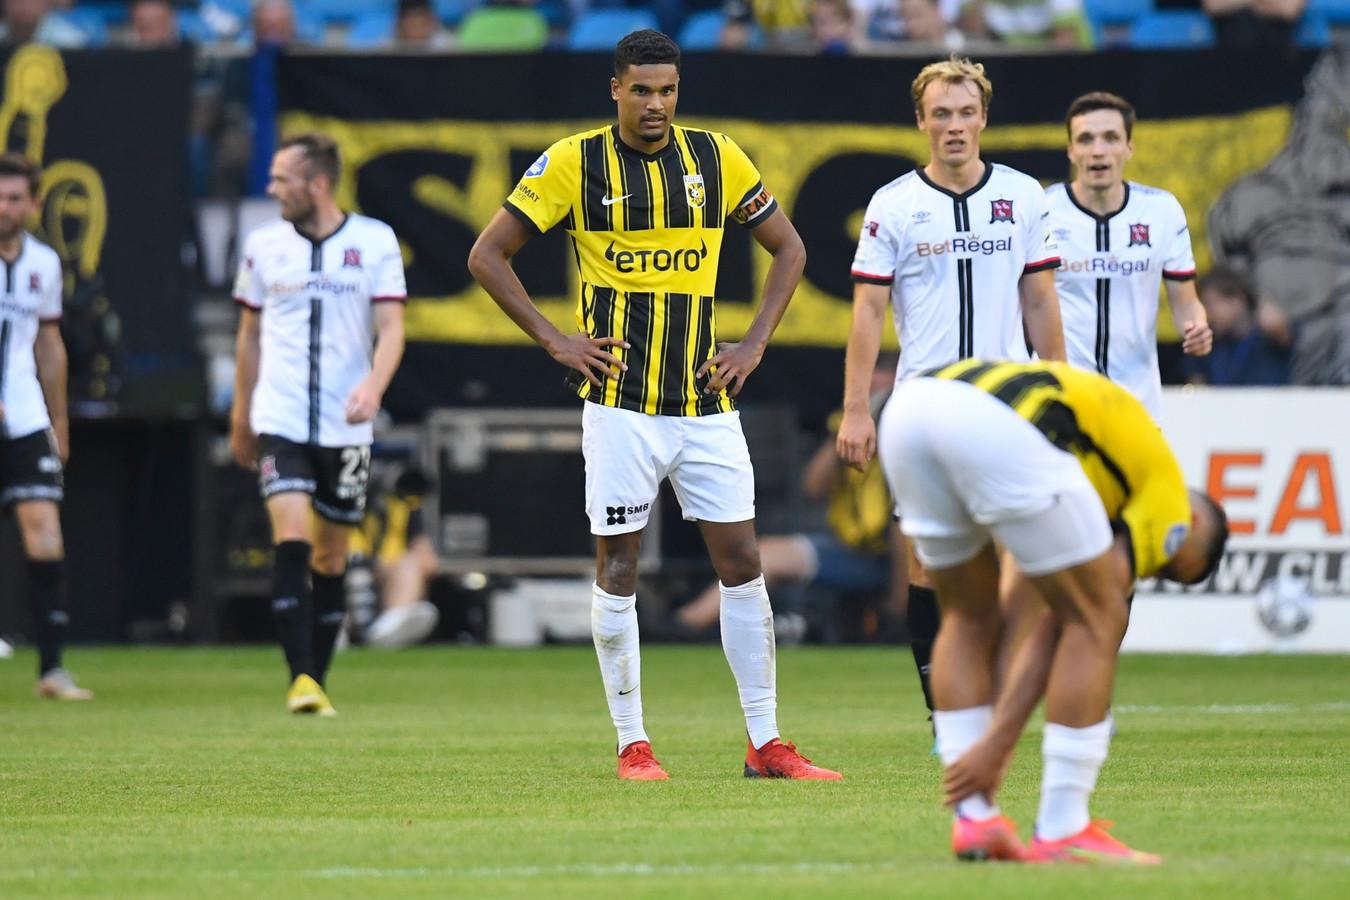 """Vitesse-captain Danilho Doekhi baalt nadat Dundalk FC de 1-2 maakt. ,,Gelukkig maakten we daarna nog gelijk. Daardoor is winnen in Ierland voldoende."""""""